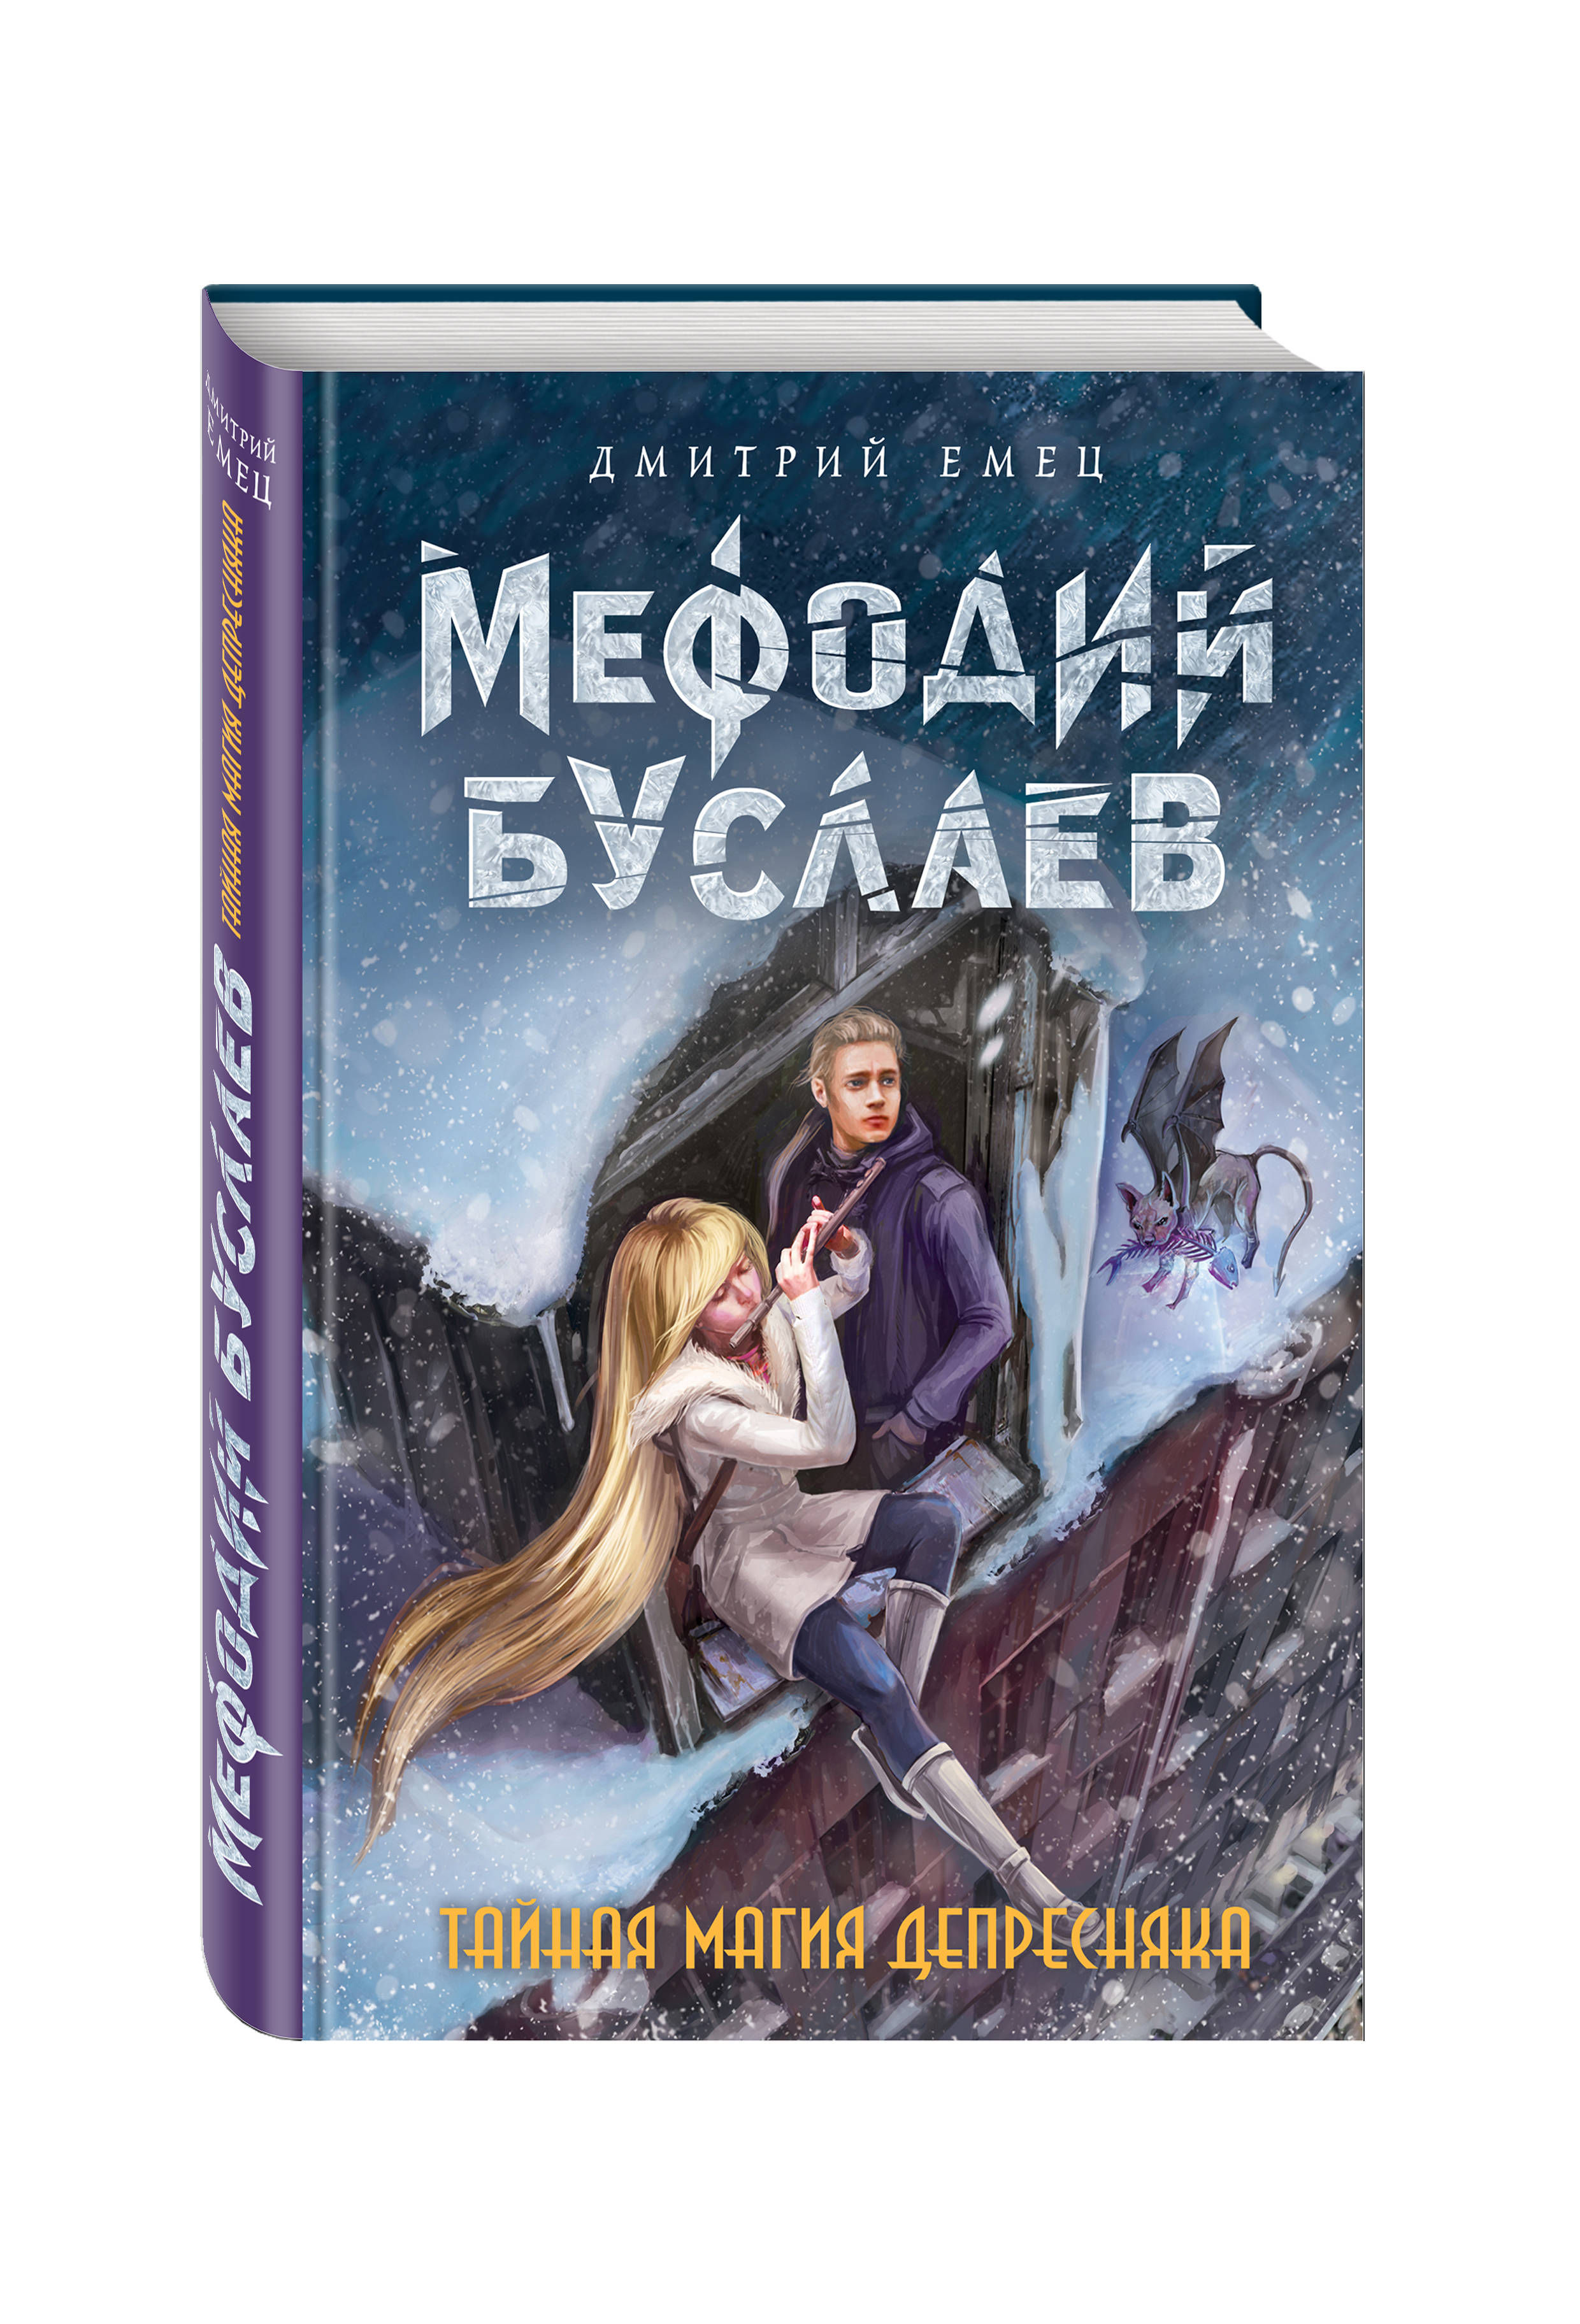 Дмитрий Емец Тайная магия Депресняка (#6) авиабилеты цены рейсы даф